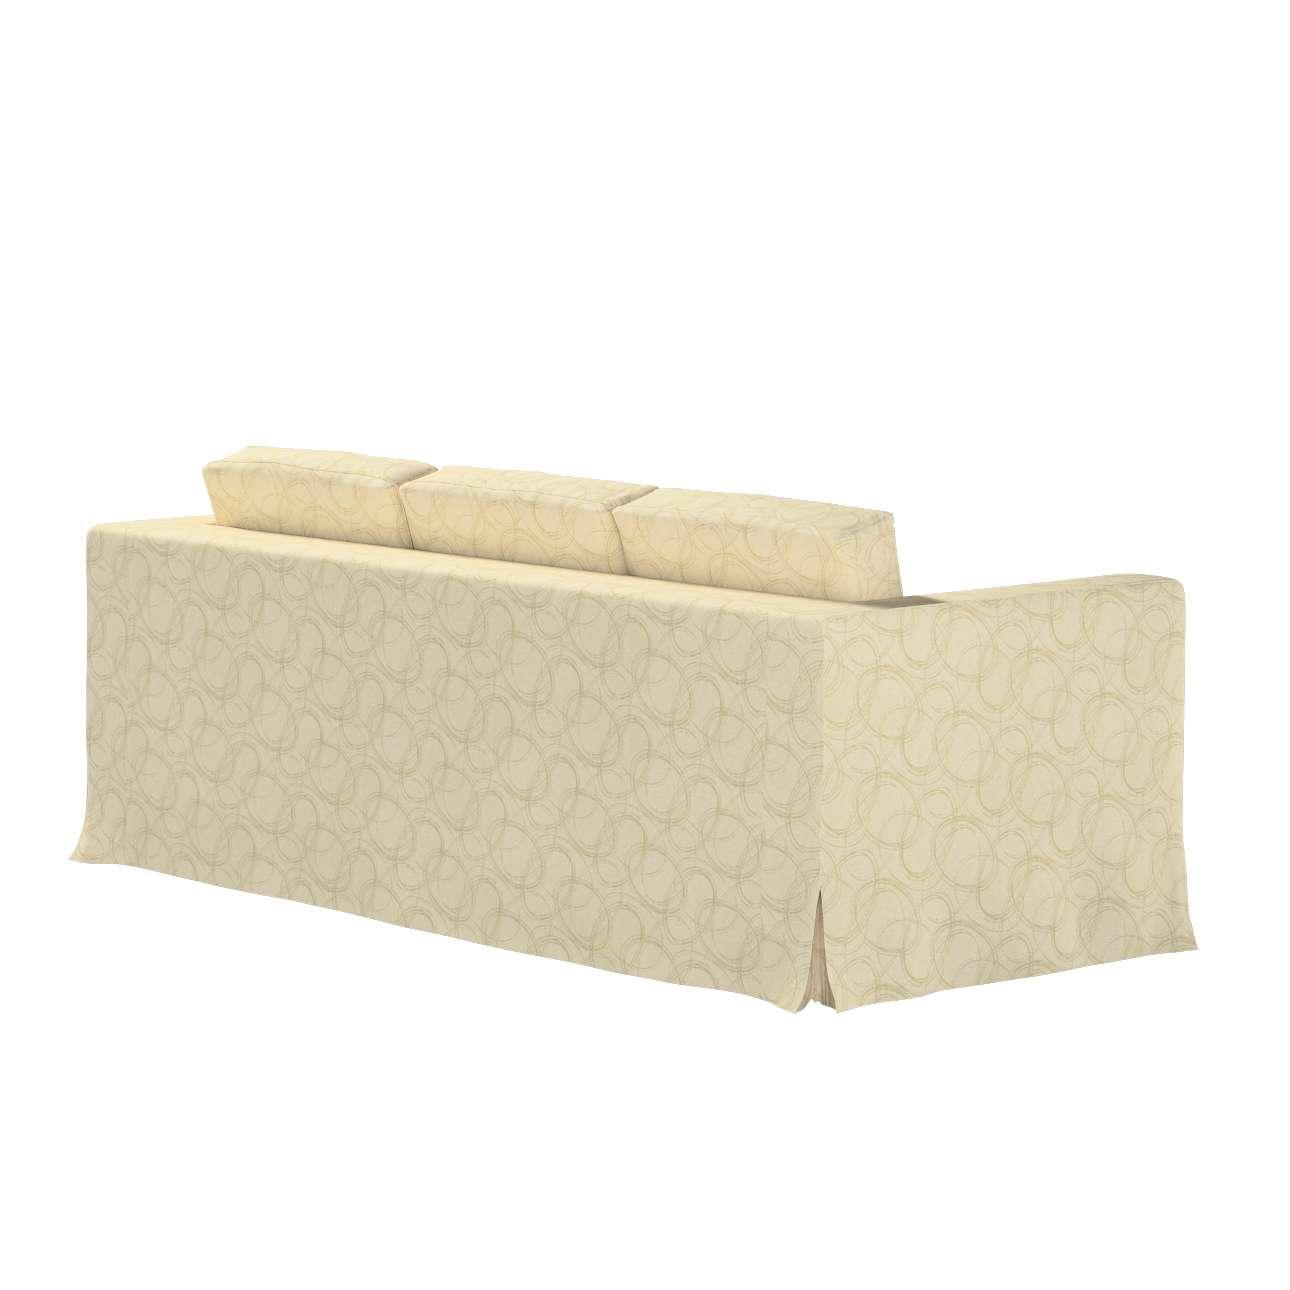 Potah na pohovku IKEA  Karlanda 3-místná nerozkládací, dlouhý v kolekci Living, látka: 161-81